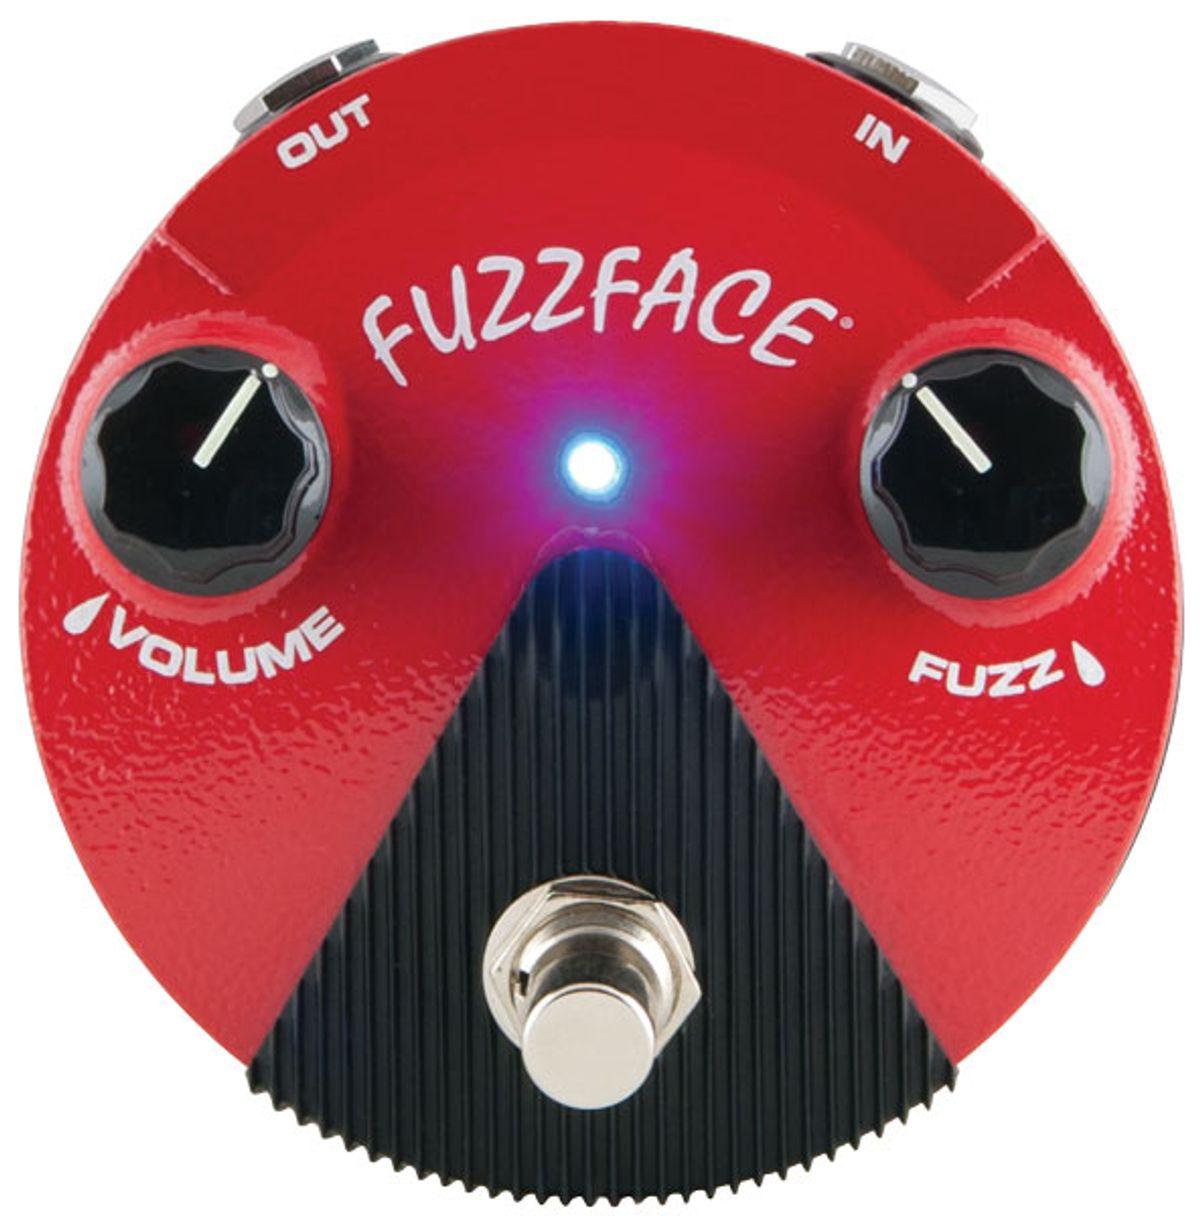 Dunlop Fuzz Face Mini Germanium FFM2 Review